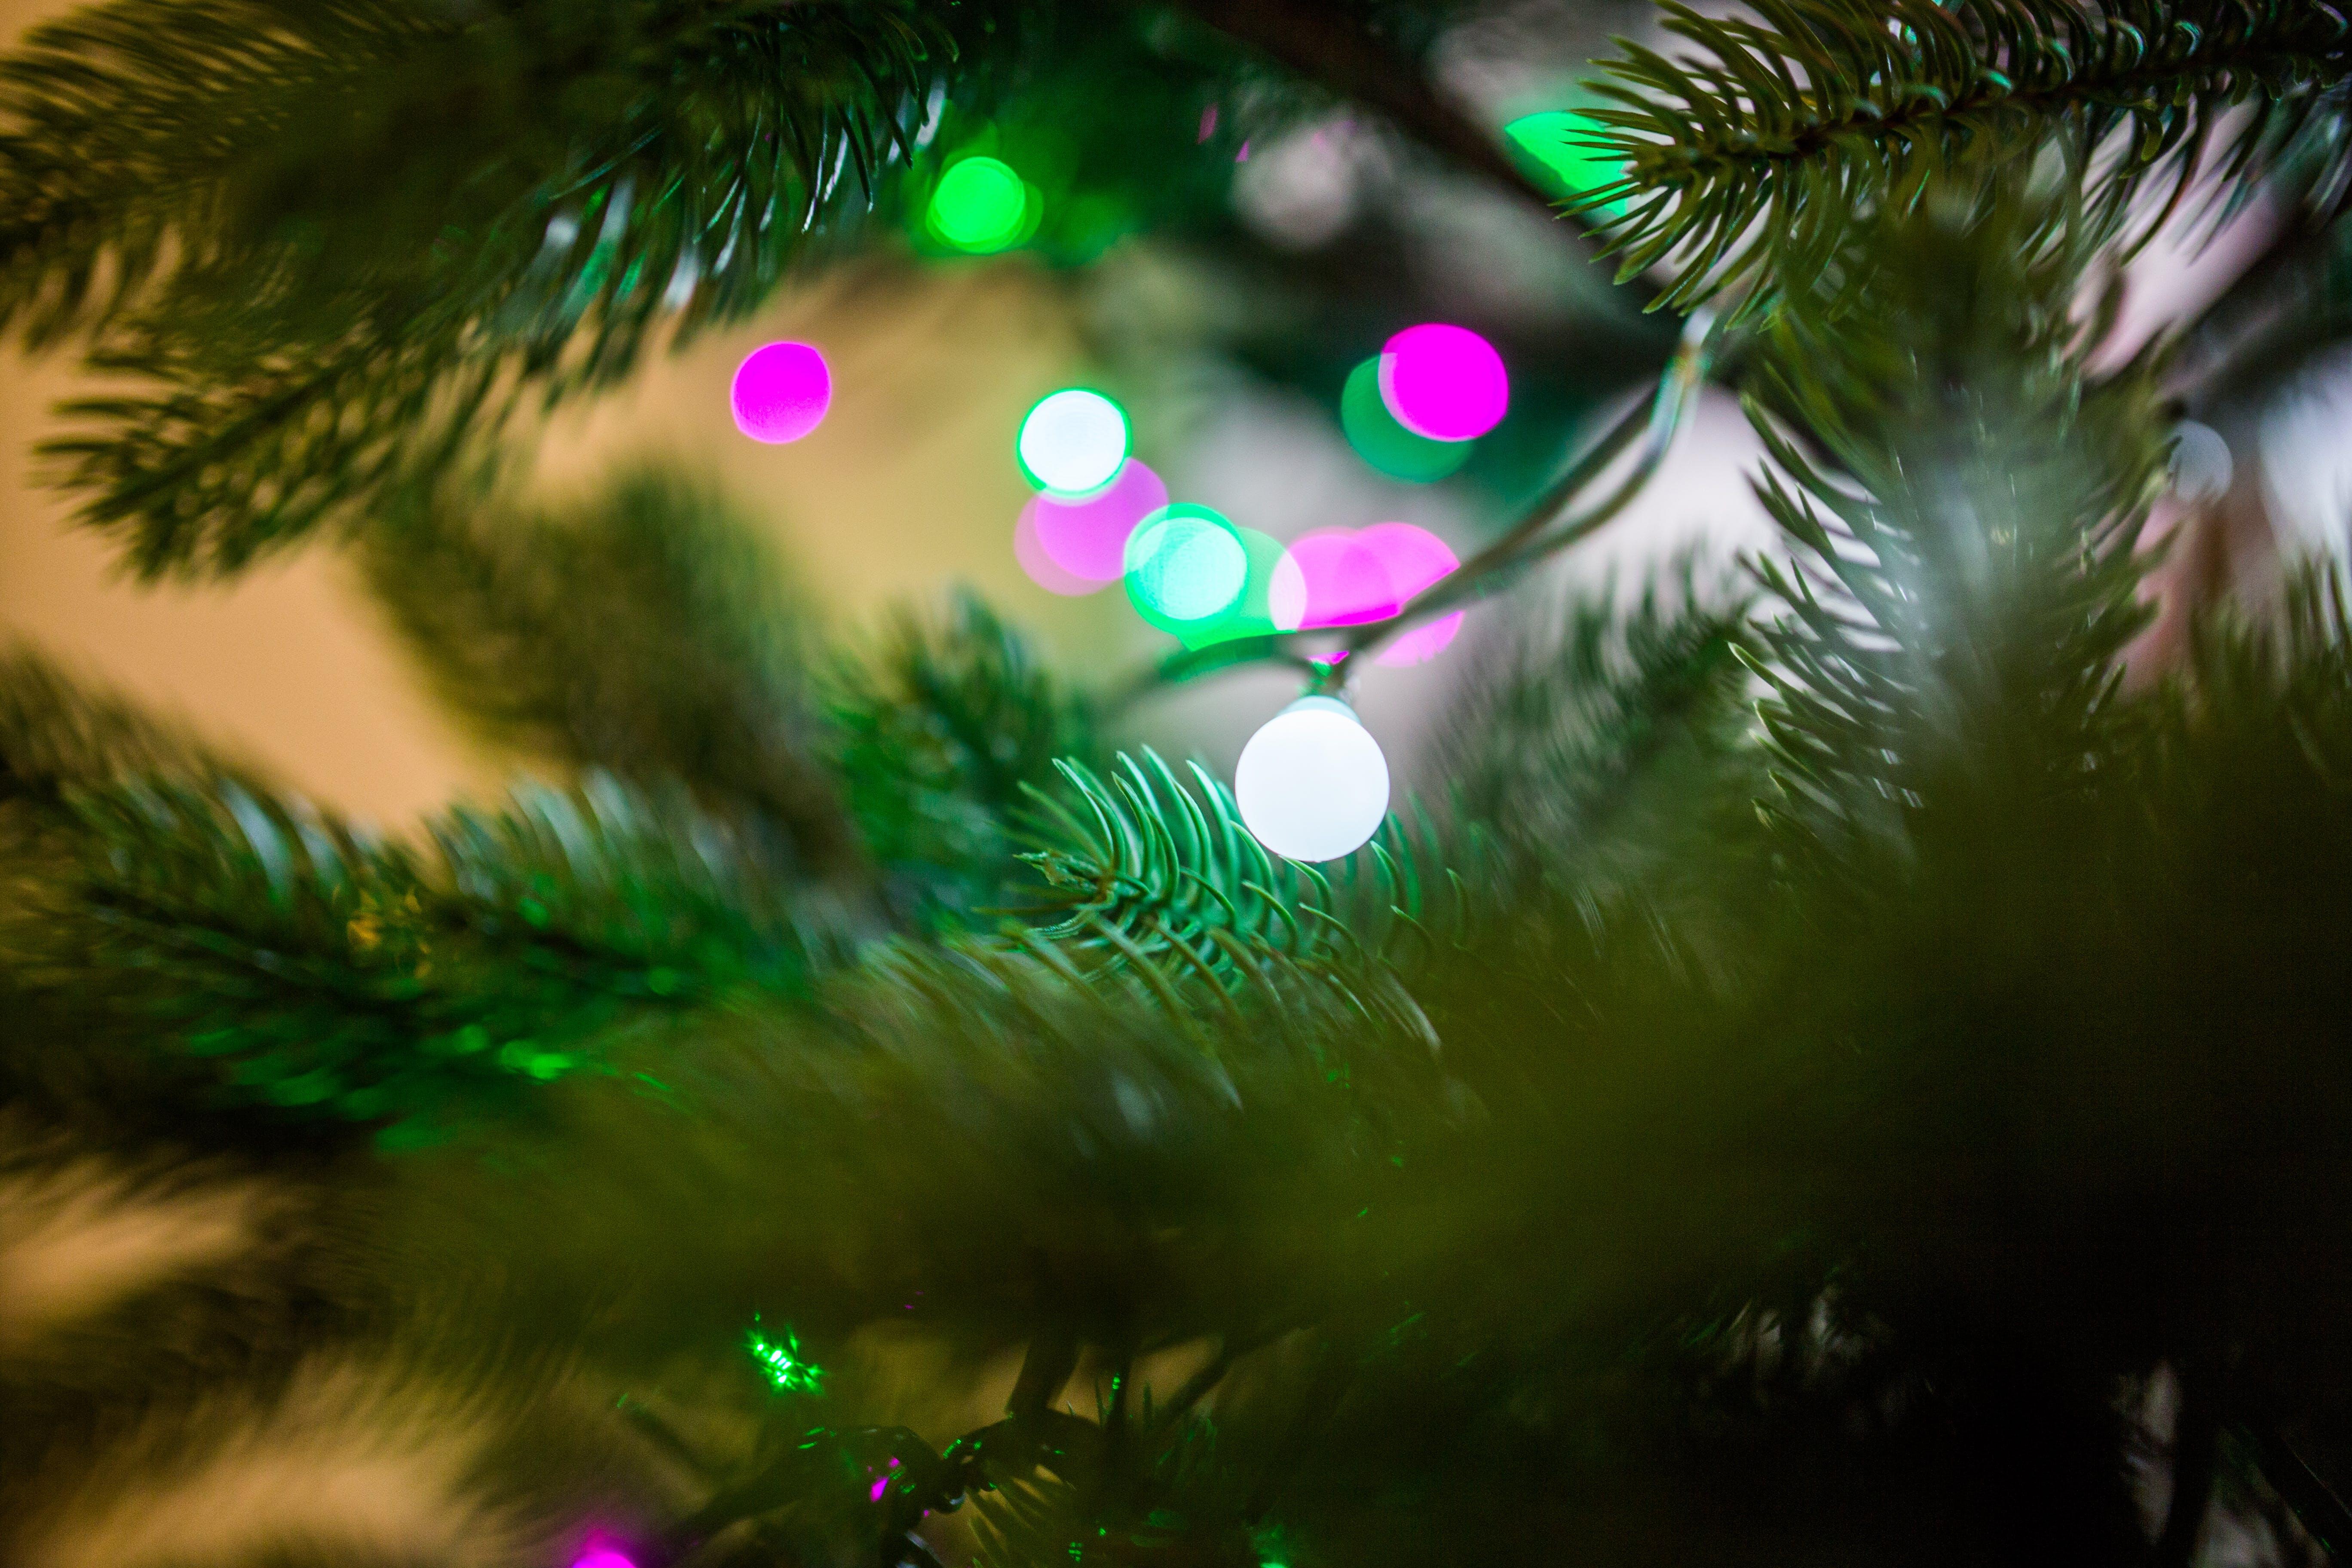 Green Fern Leaves Near Lights